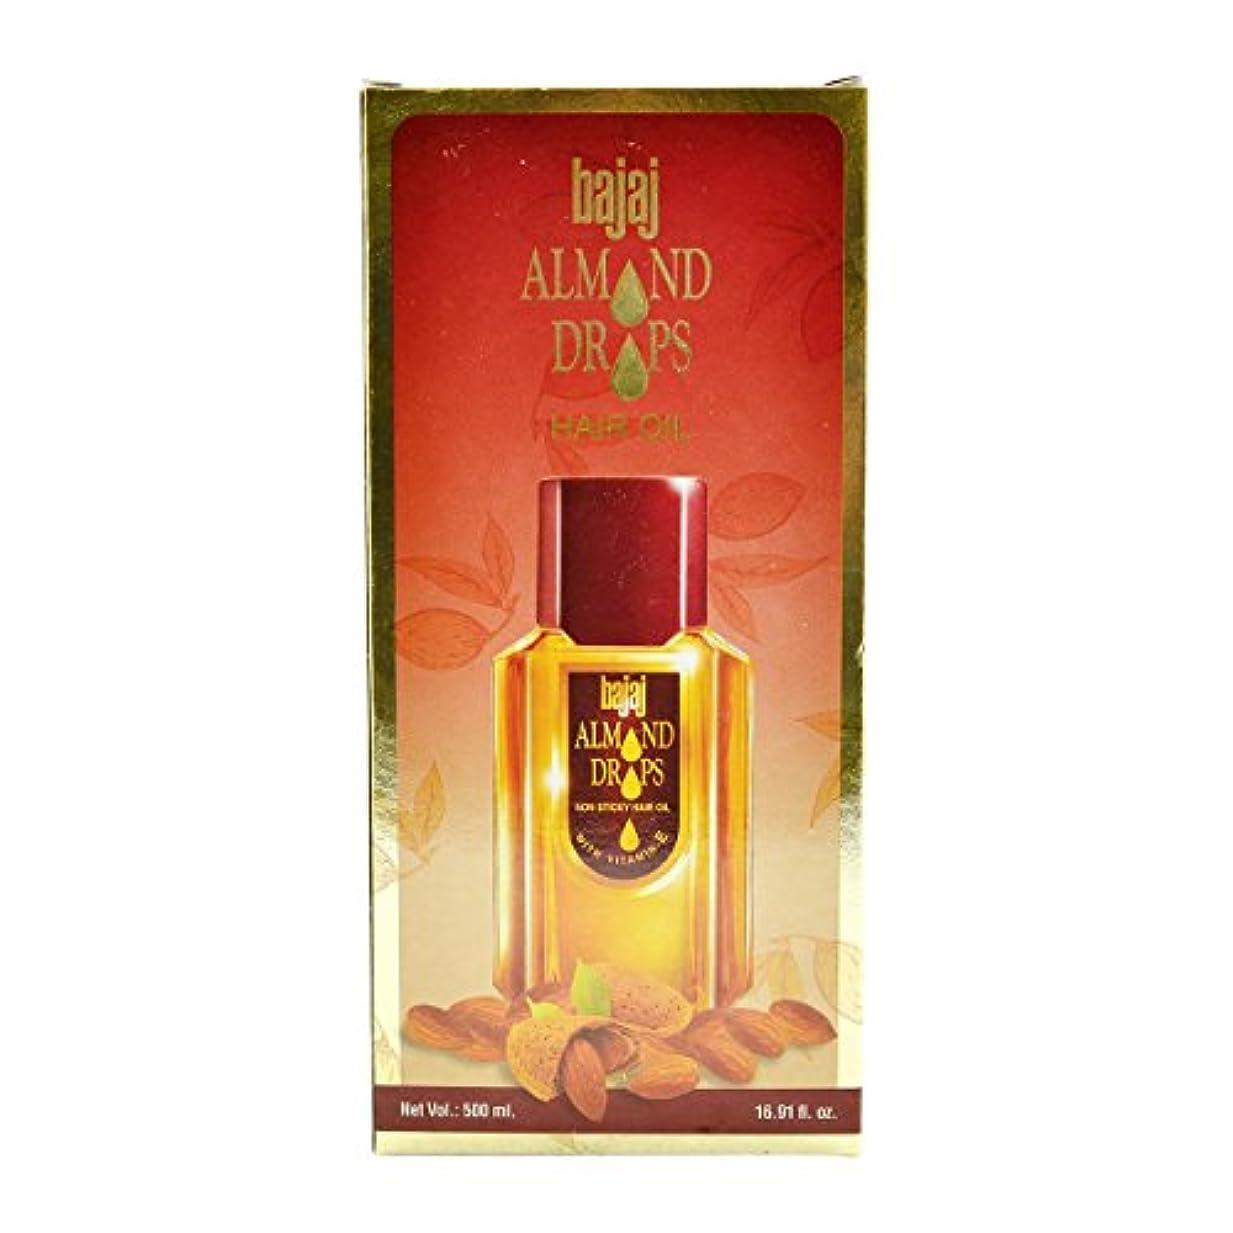 促す臭い情報Bajaj Almond Drops Hair Oil -500ml(16.91 Floz.) by Subhlaxmi Grocers